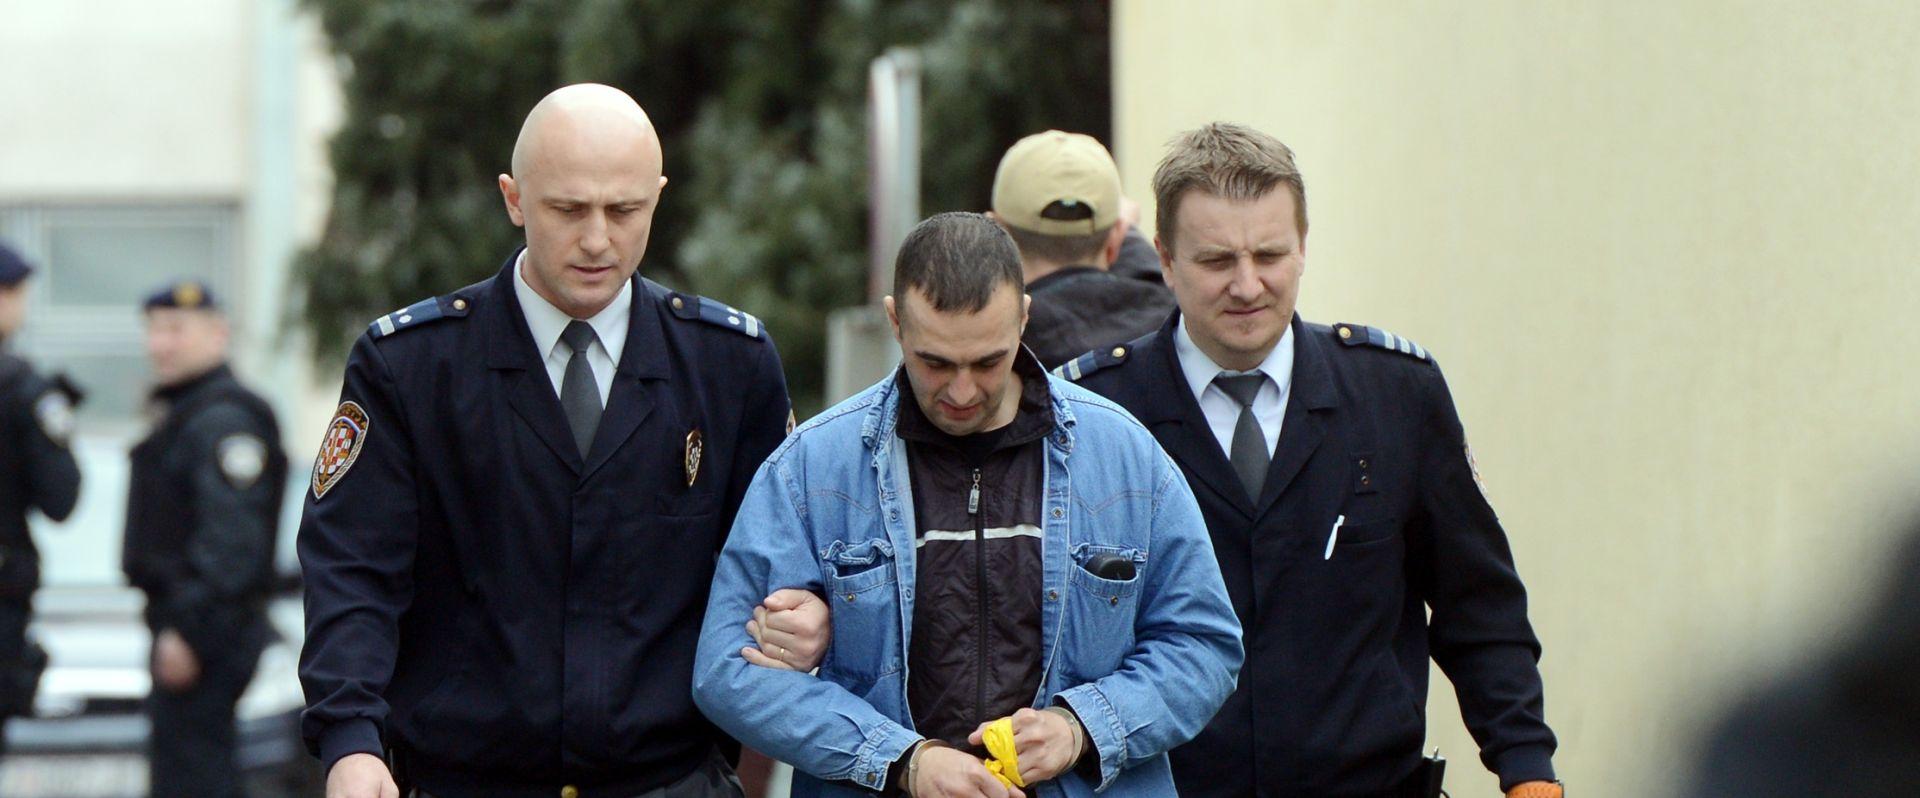 DUGE CIJEVI U POŽEGI:  Zbog gospodarskog kriminala Amir Mafalani doveden pred Općinski sud